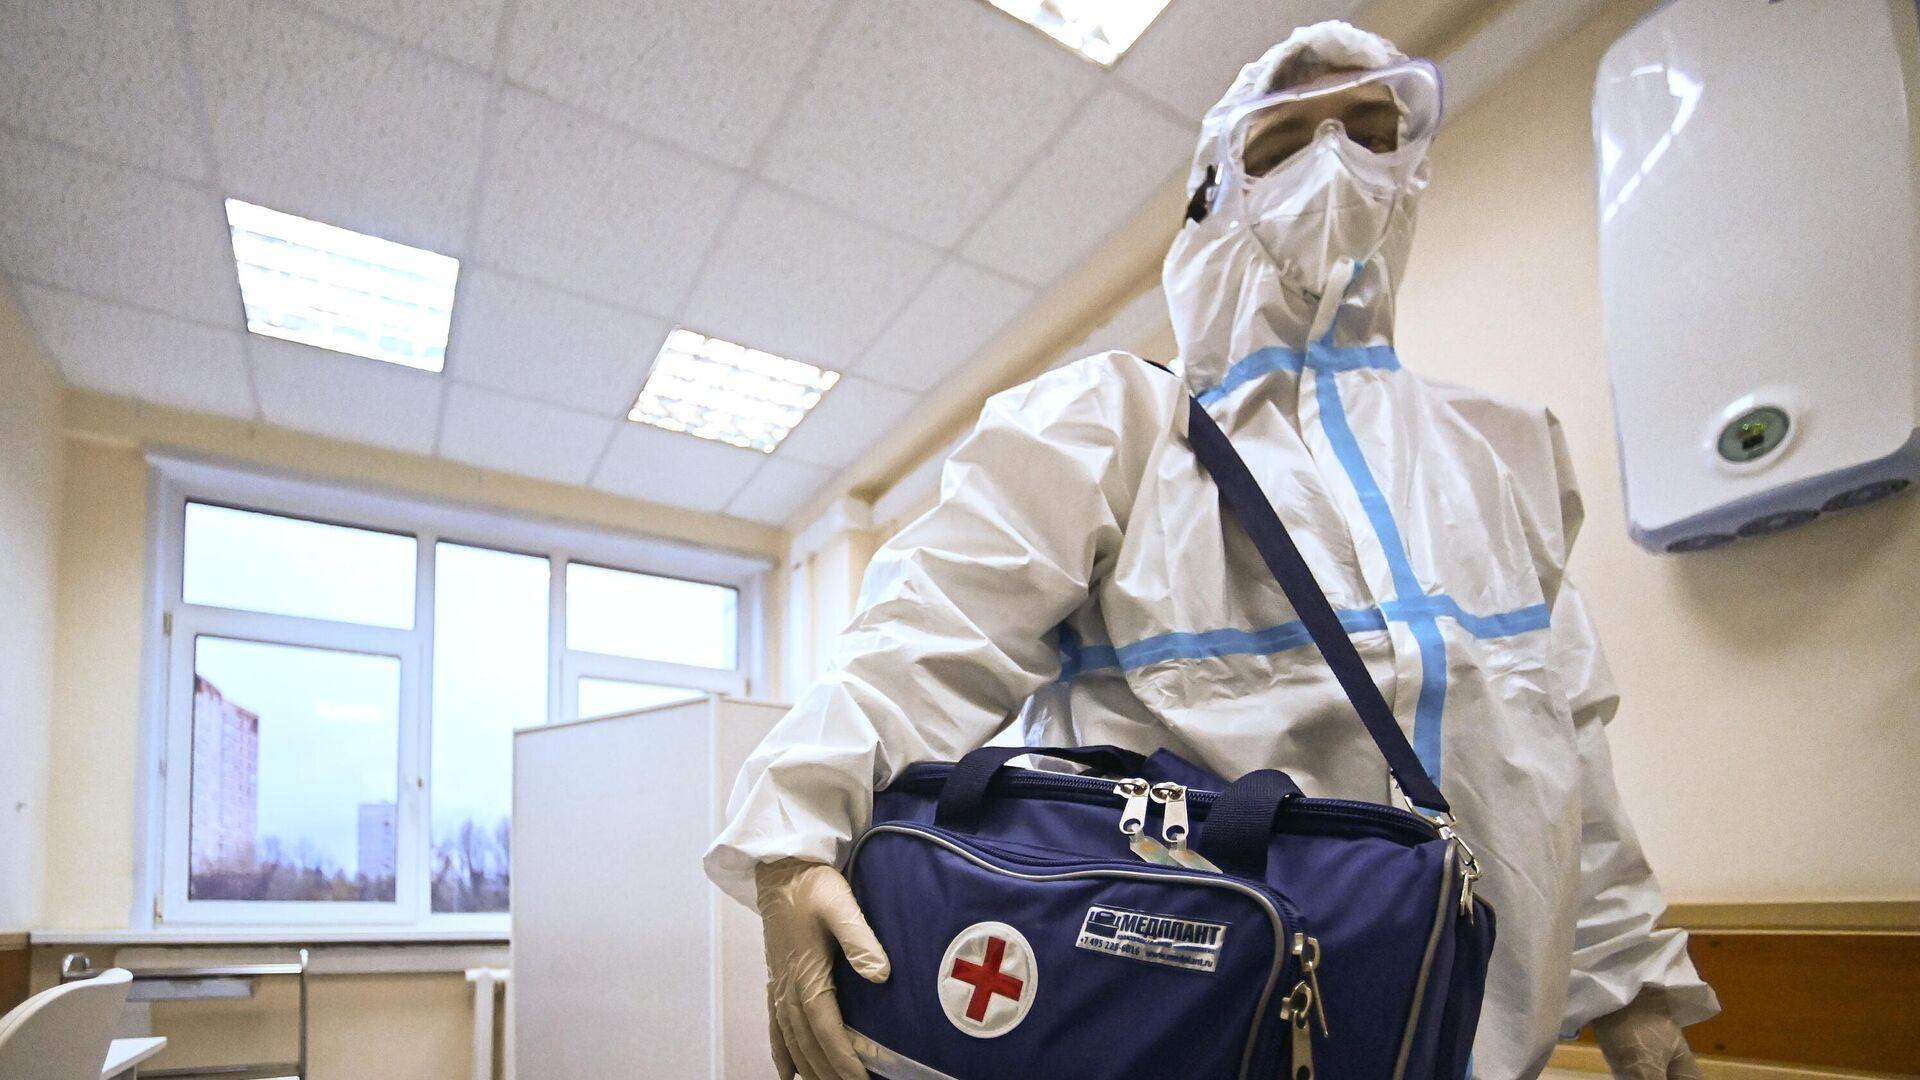 Фельдшер собирает сумку перед визитом к пациенту на дом в поликлинике №2 в Москве - РИА Новости, 1920, 17.01.2021